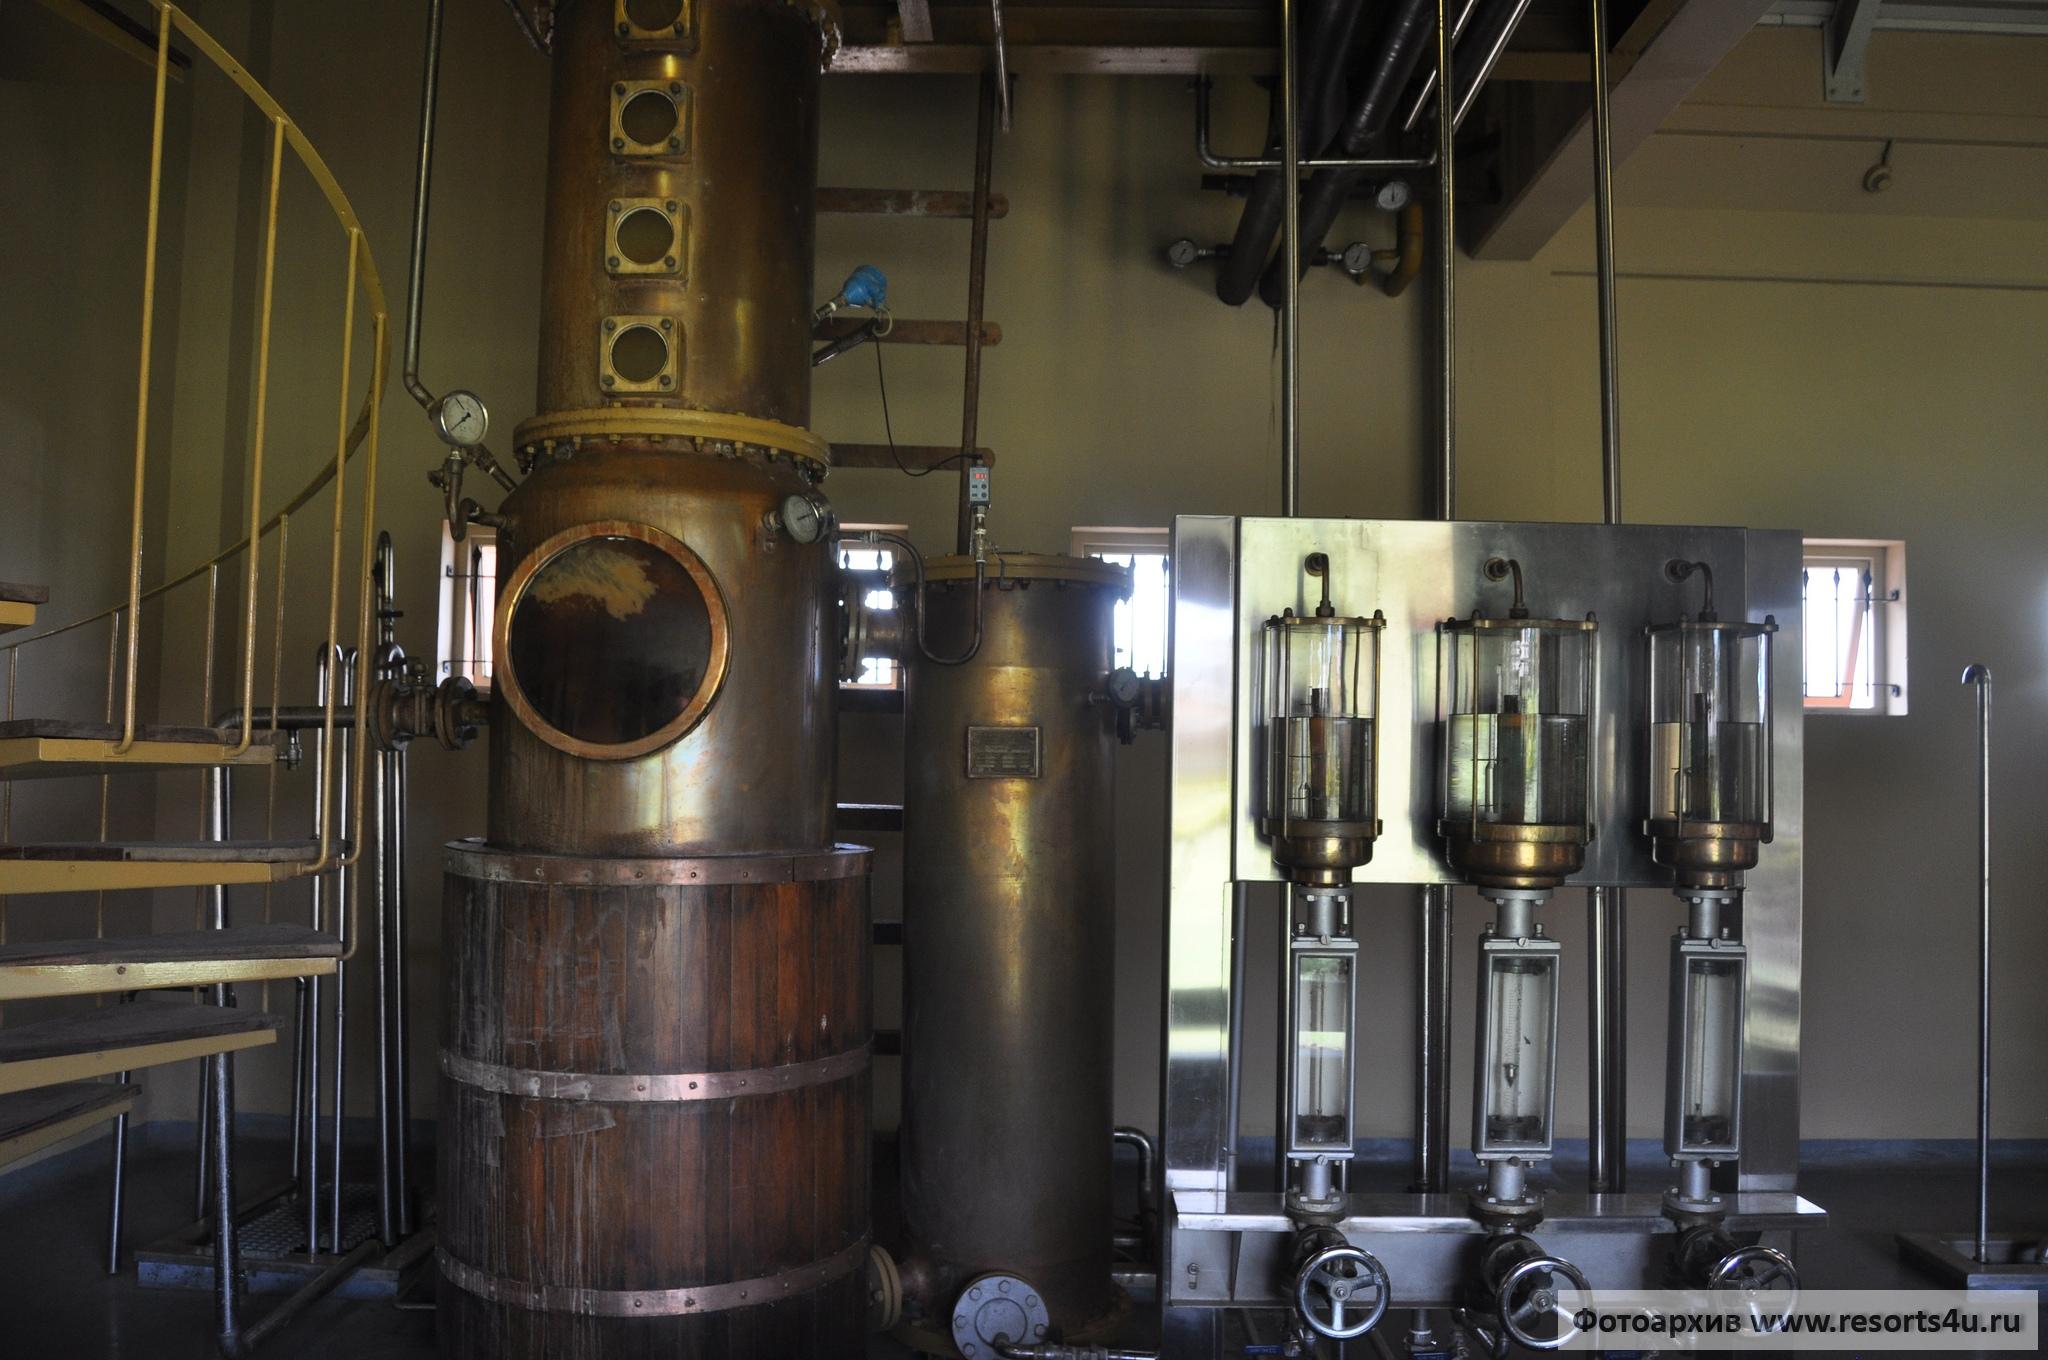 Шамарель. Фабрика рома. Rhumerie de Chamarel